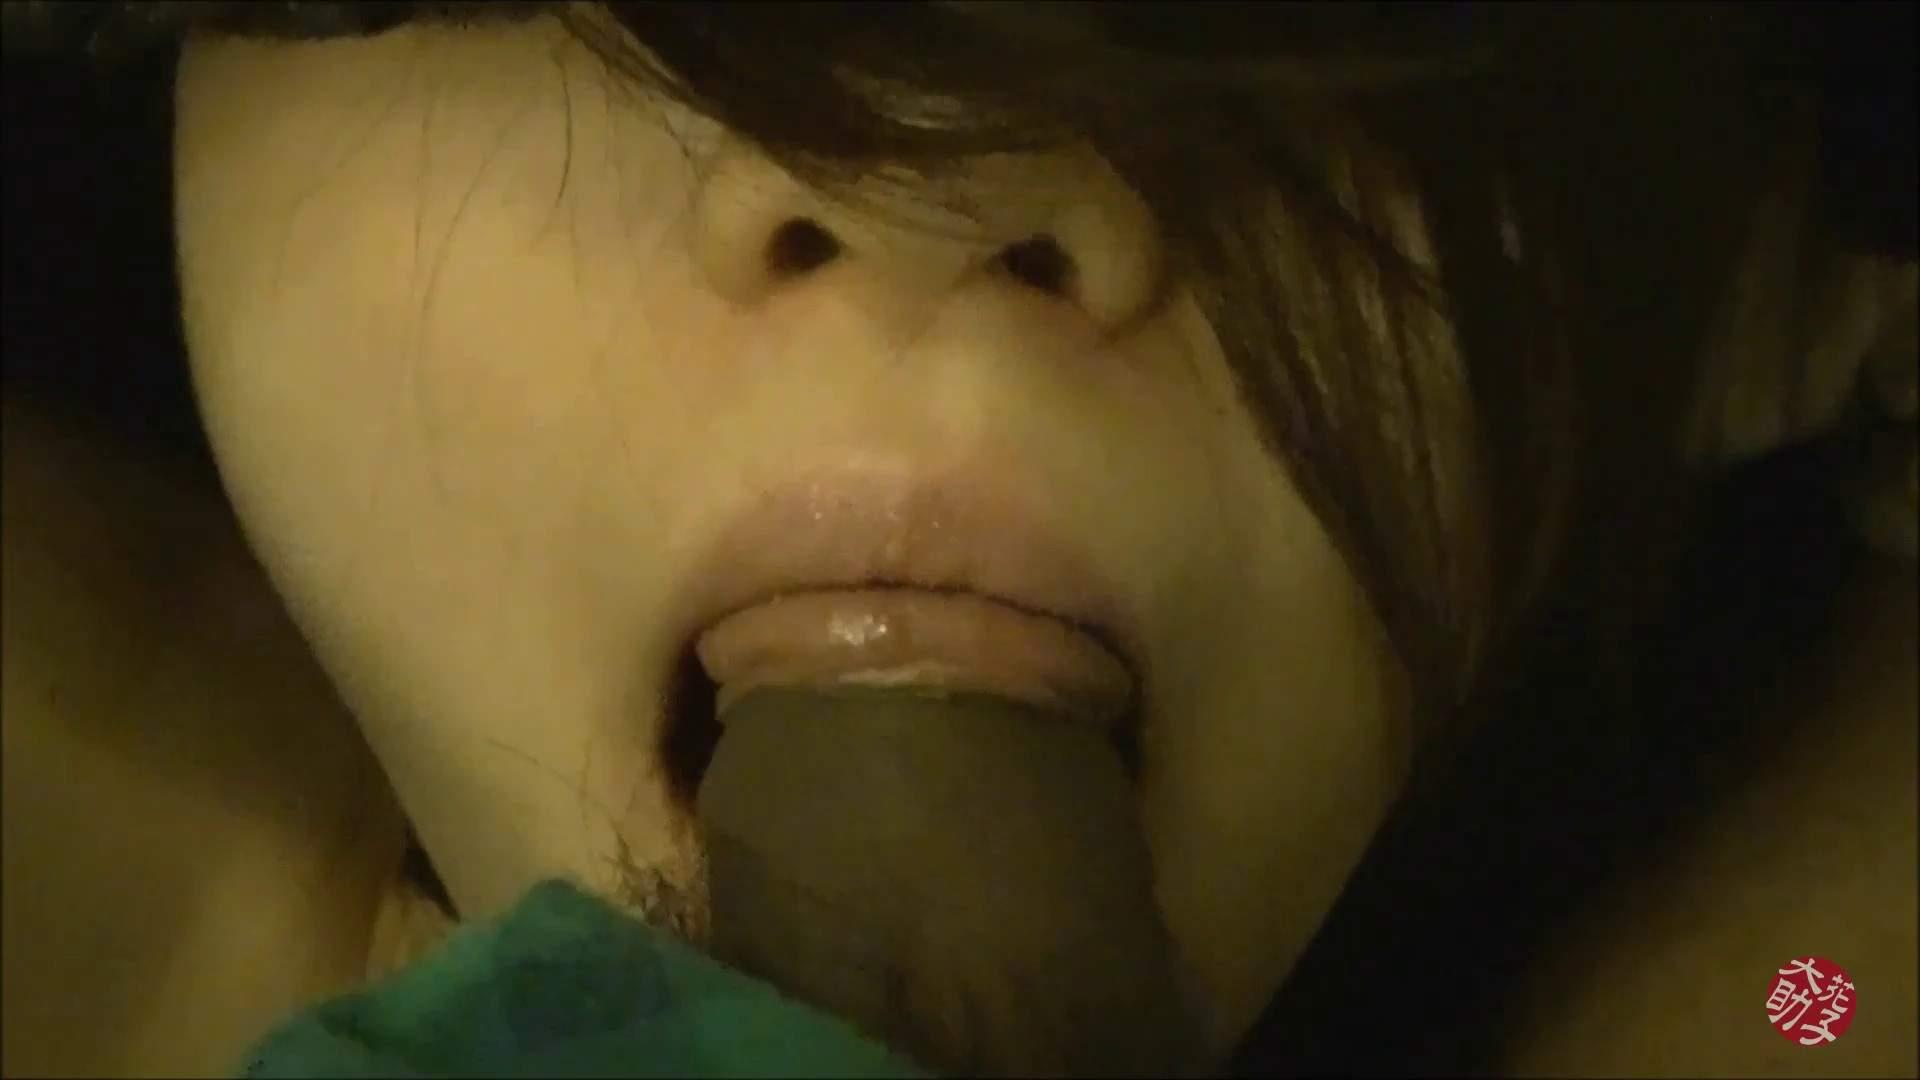 【未公開】vol.110 {黒髪Fカップ炉利}フミカちゃん① 美肌  96PIX 55